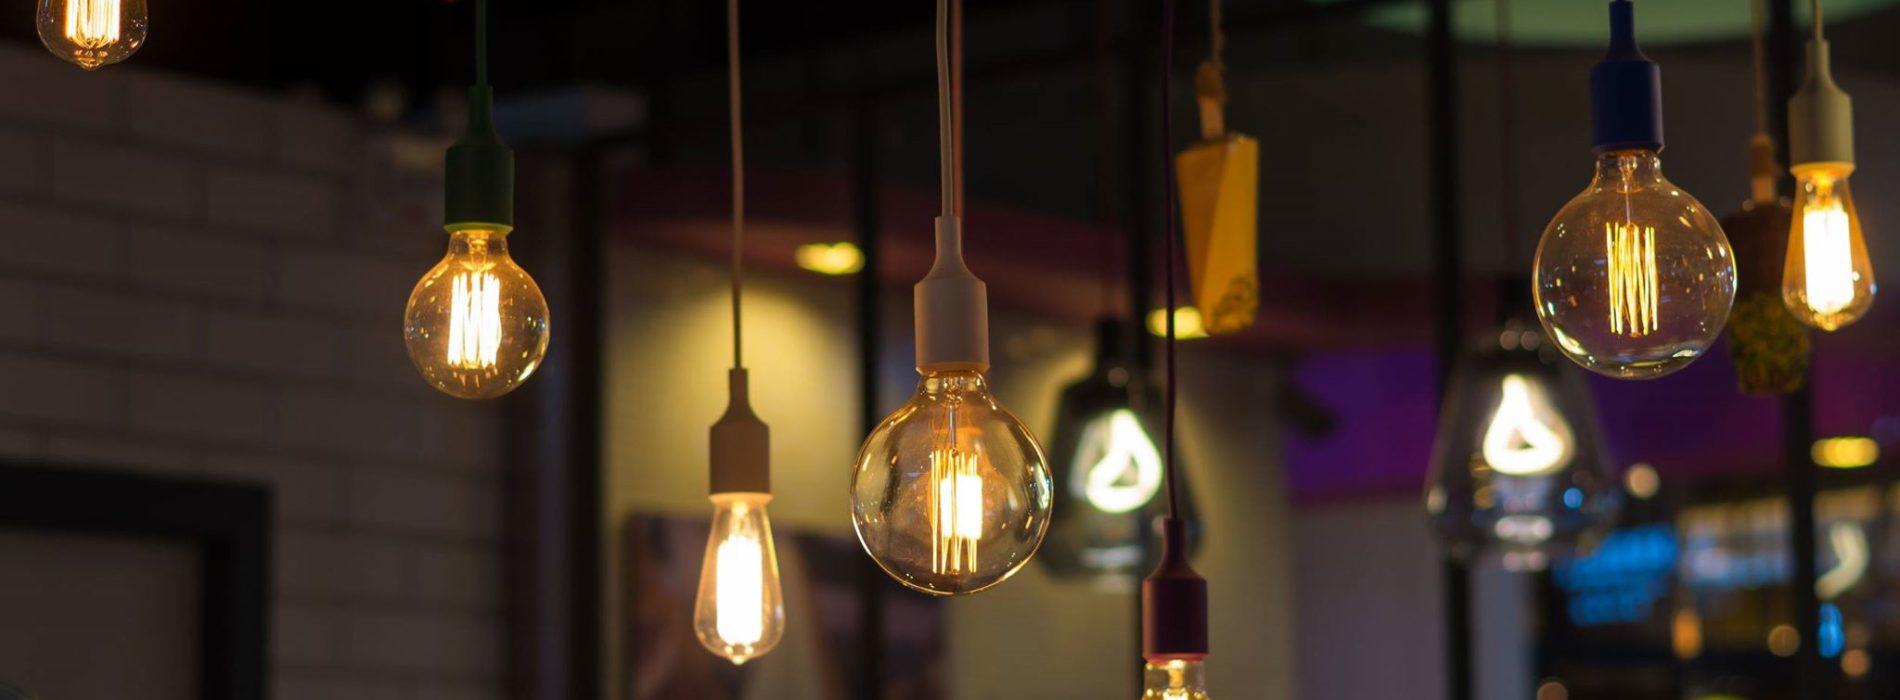 Nowoczesne lampy wiszące funkcjonalnym rozwiązaniem oświetleniowym